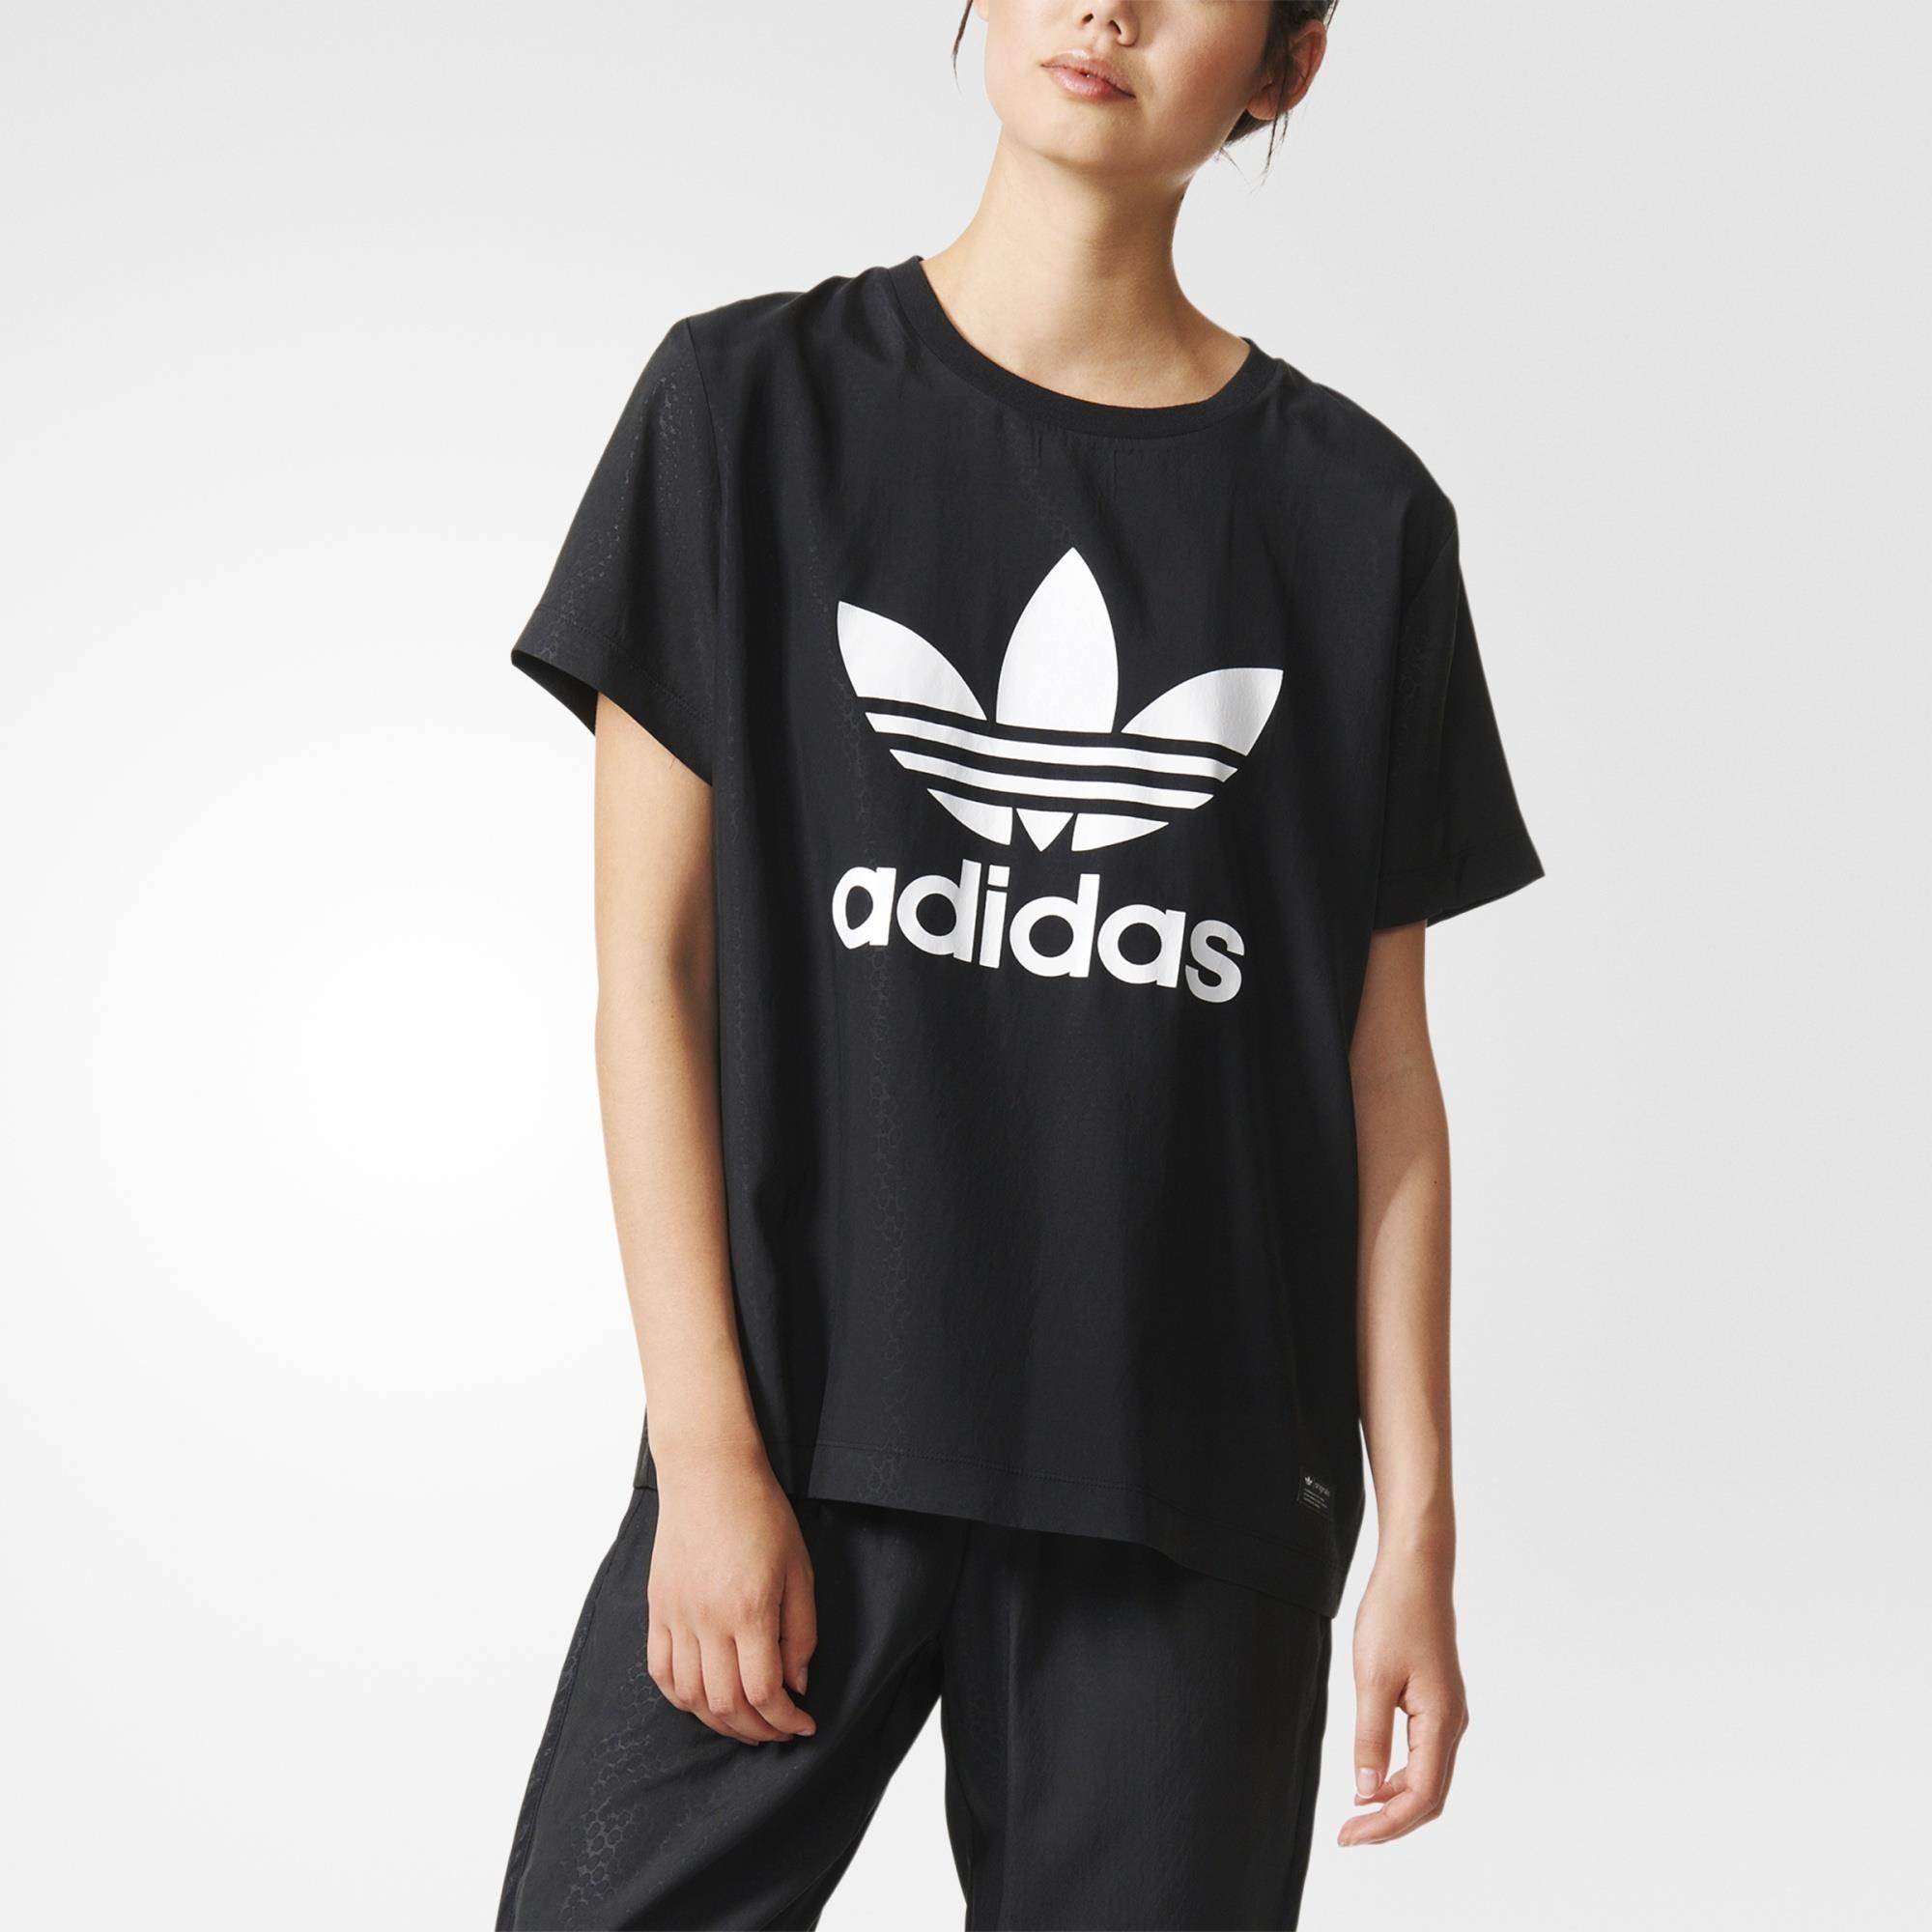 adidas t shirt nera